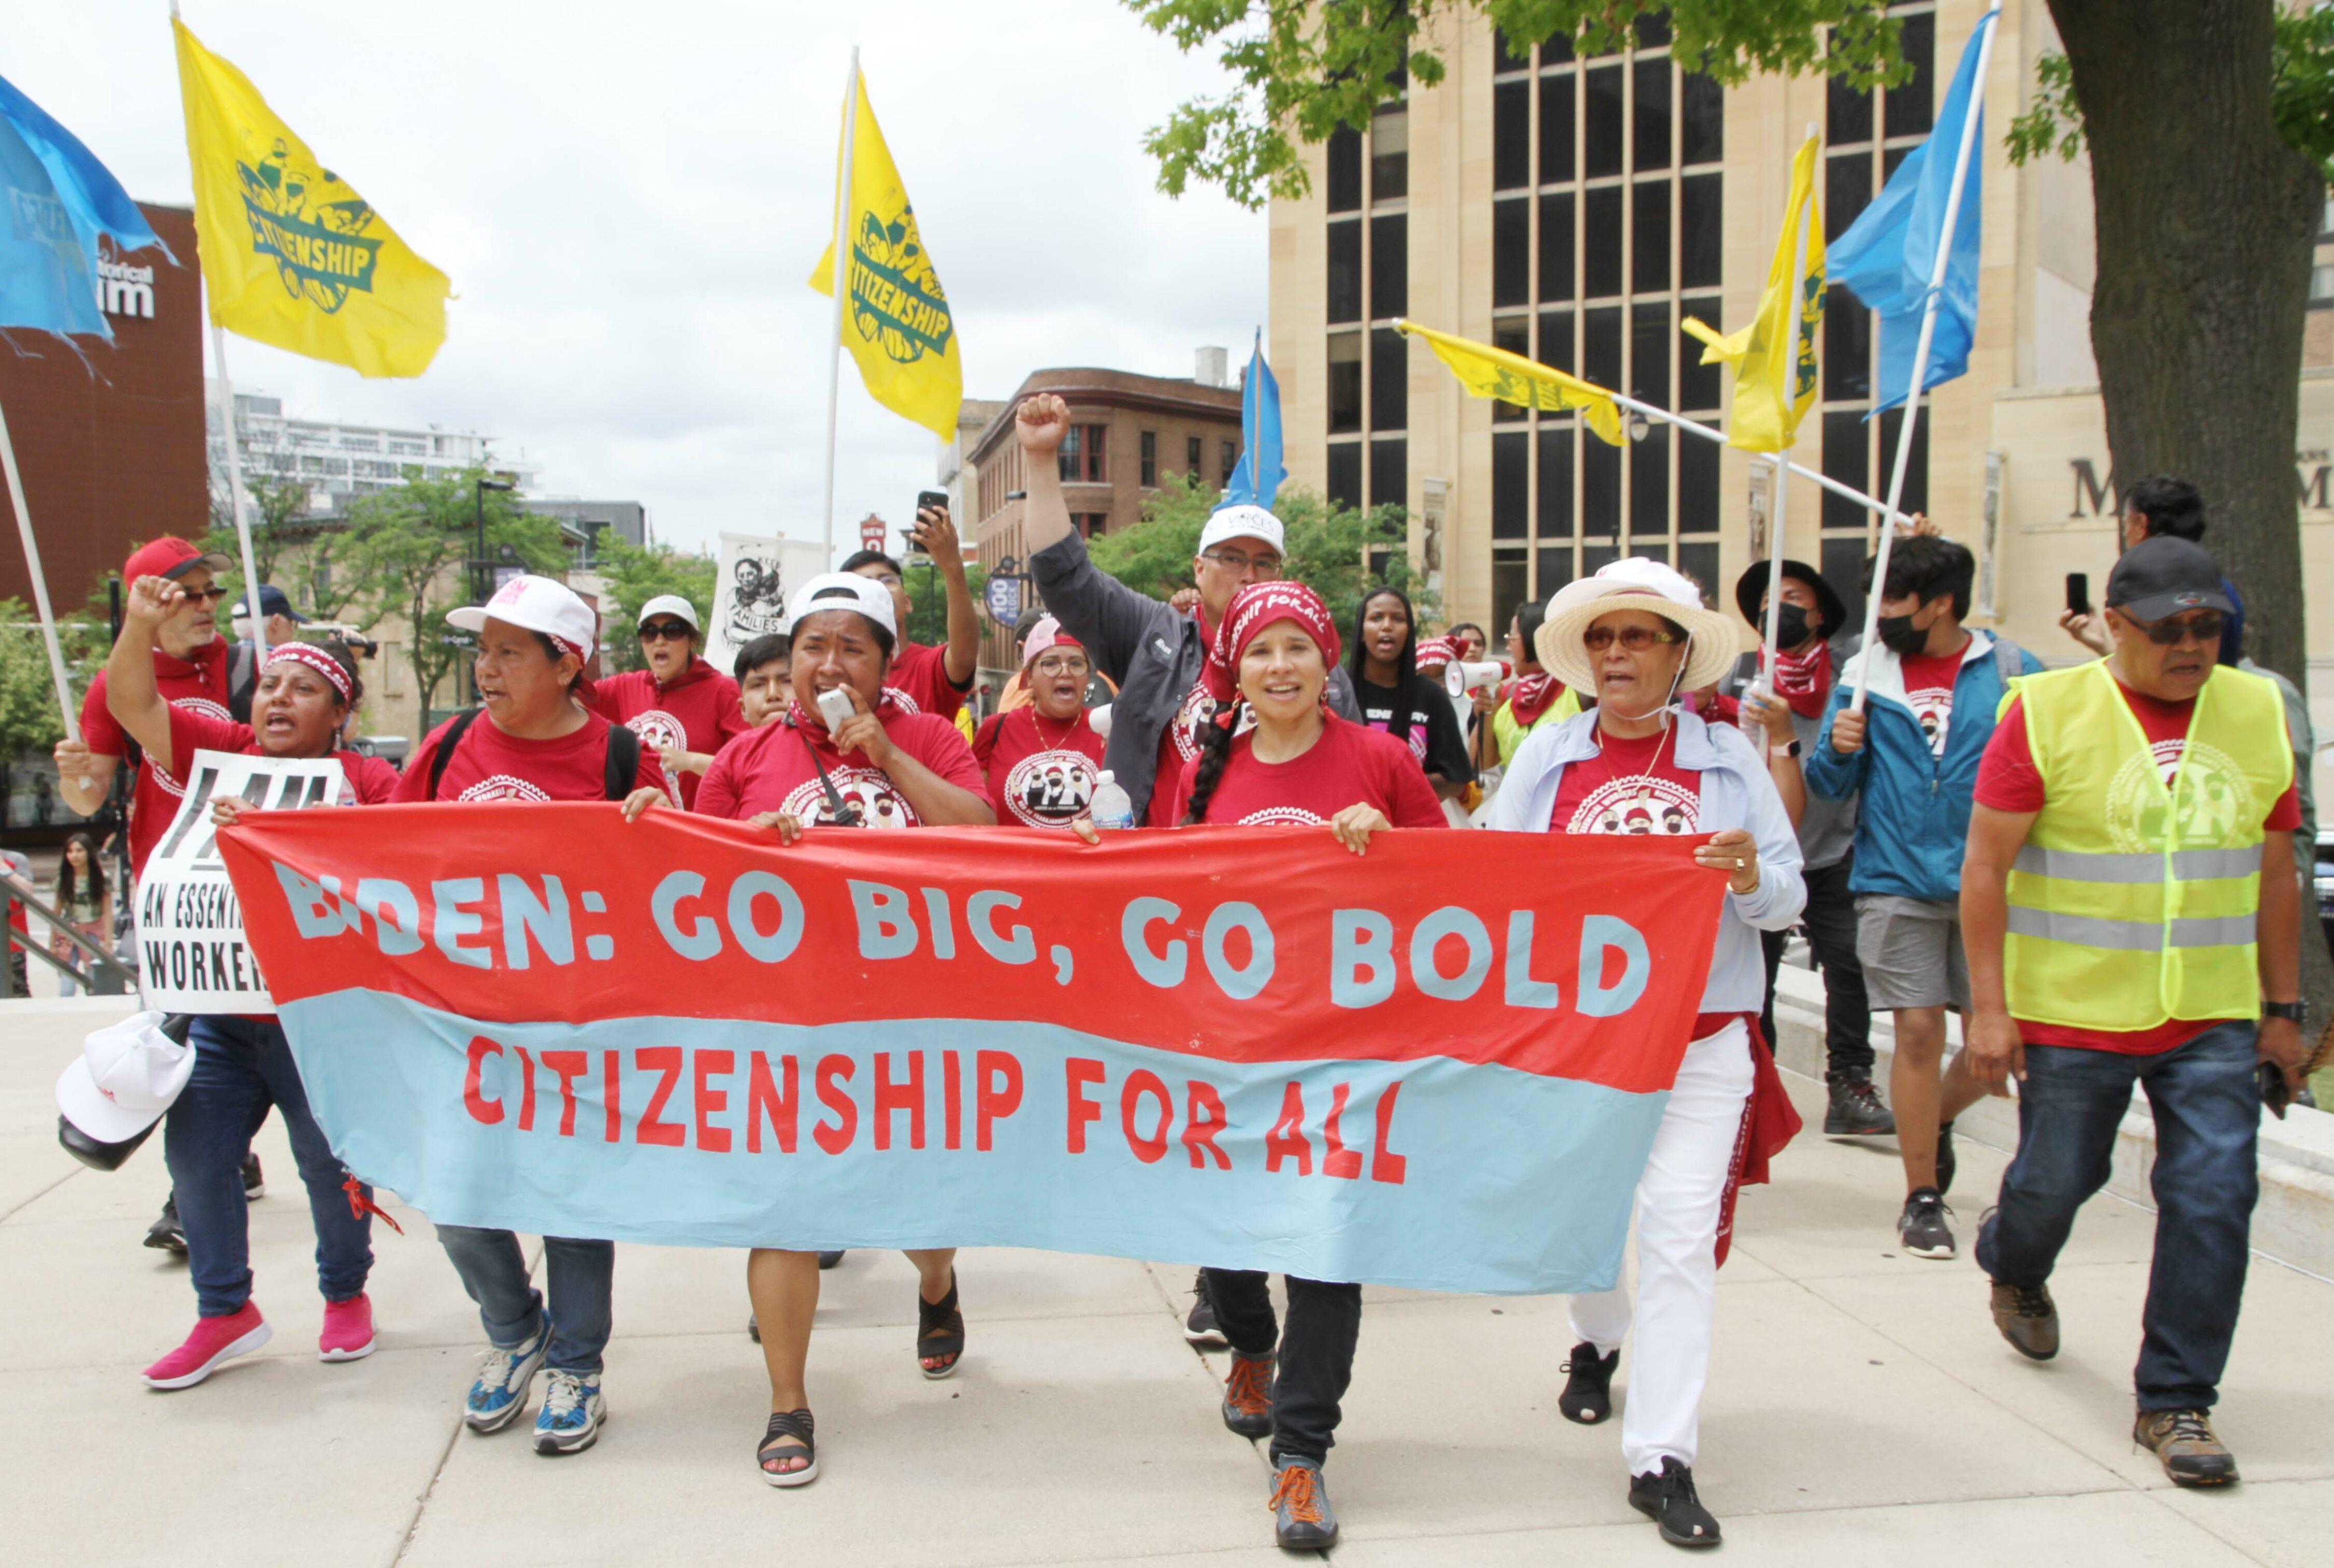 Trabajadores marcharon  más de 90 millas en 9 días para pedir : ¡Ciudadanía para todos!